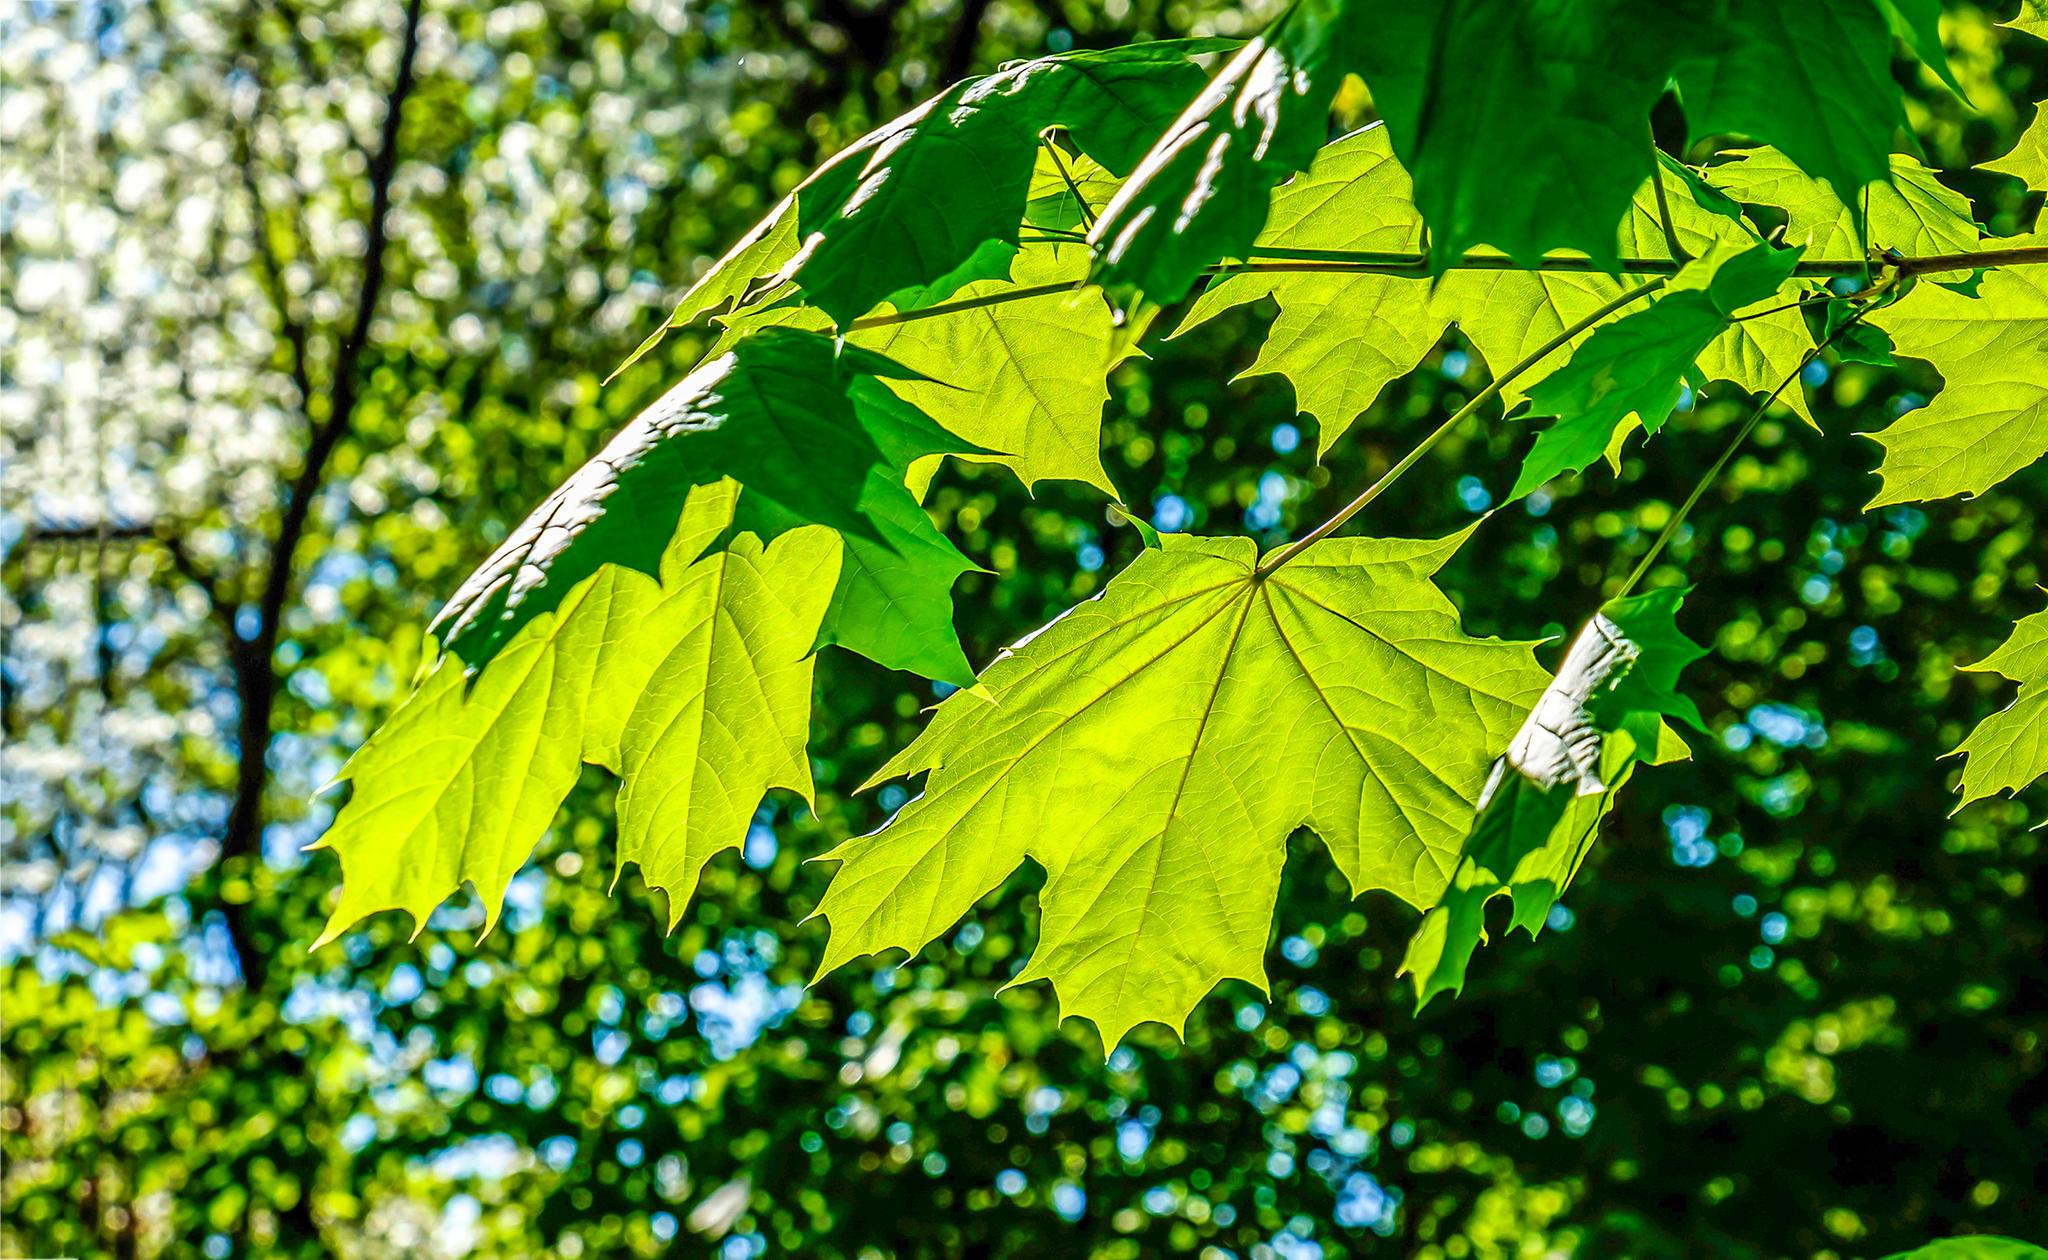 Der Ahorn symbolisiert nach dem keltischen Baumhoroskop Freiheitund Wachstum.